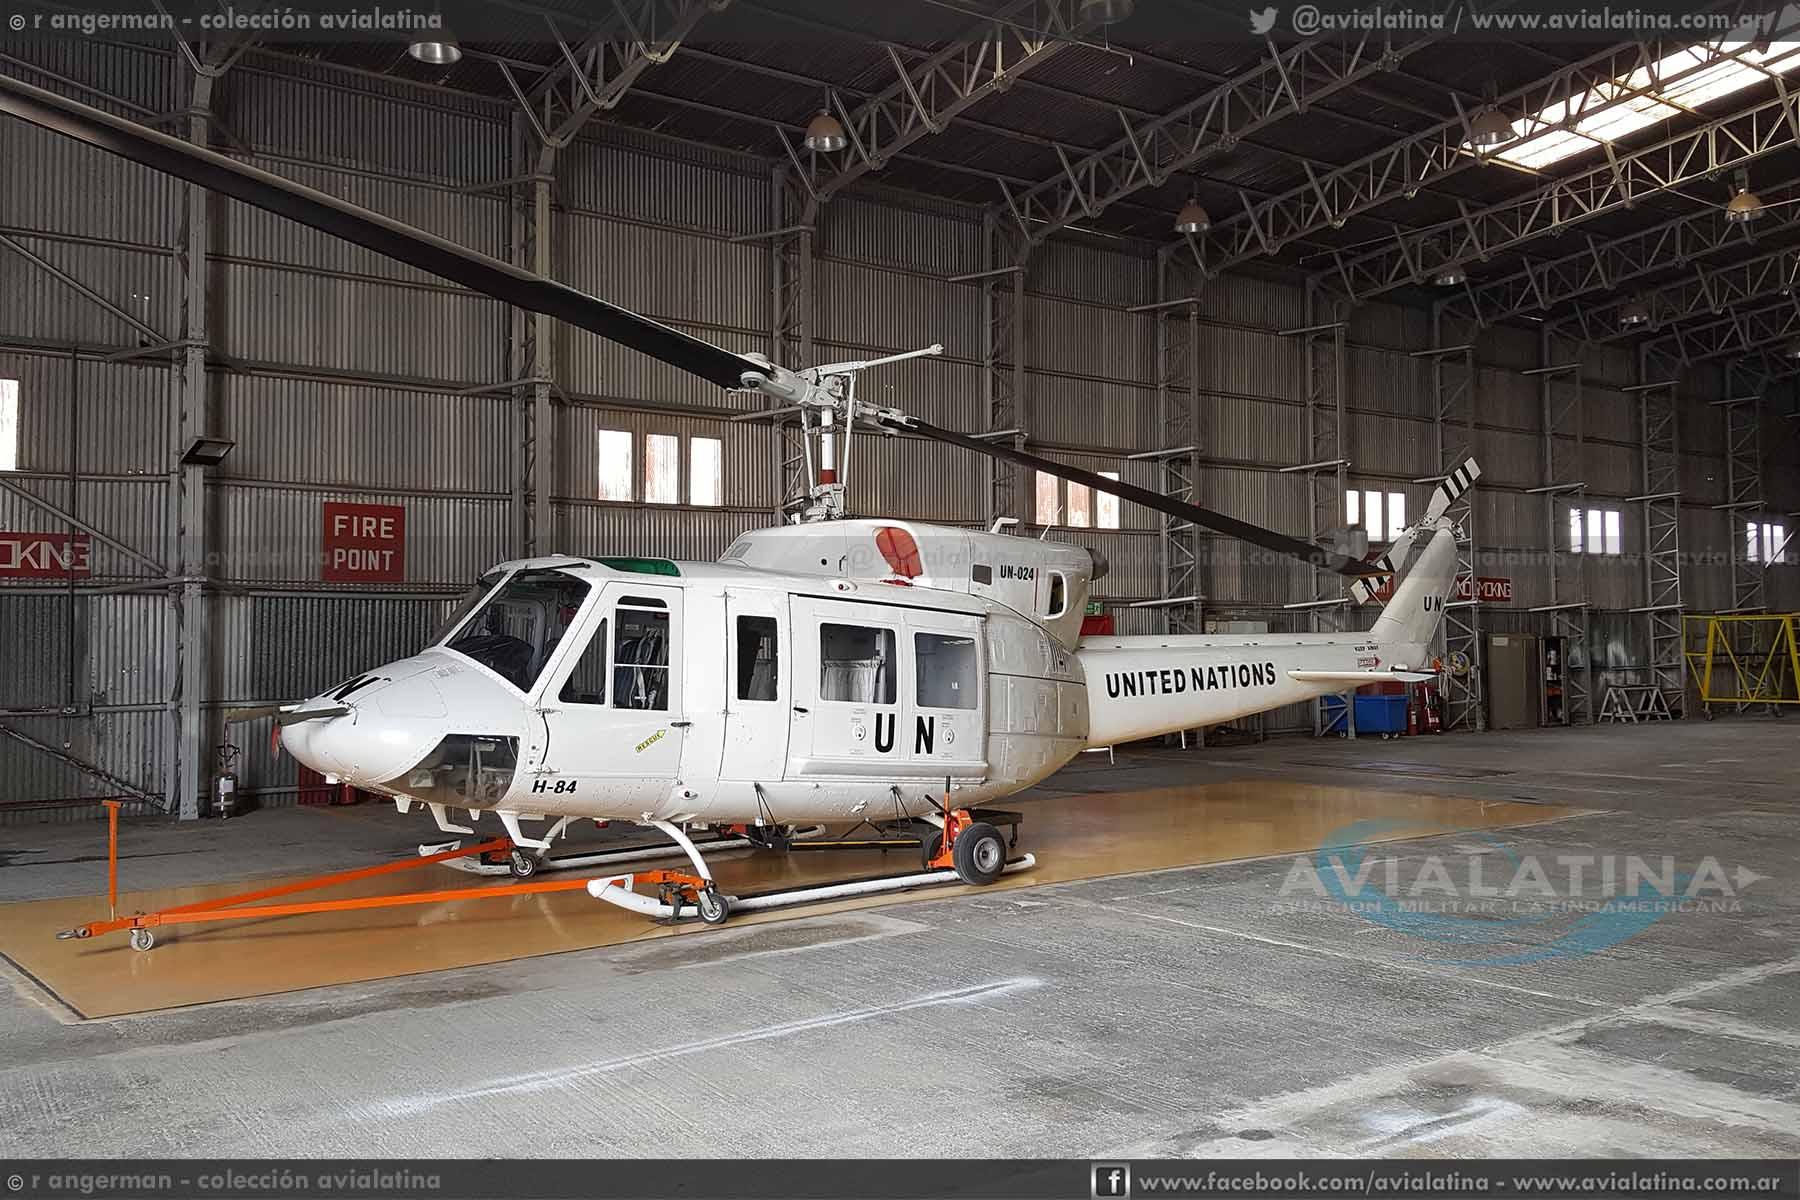 La Fuerza Aérea Argentina alcanzó las 30000 hs de vuelo con la UNFICYP